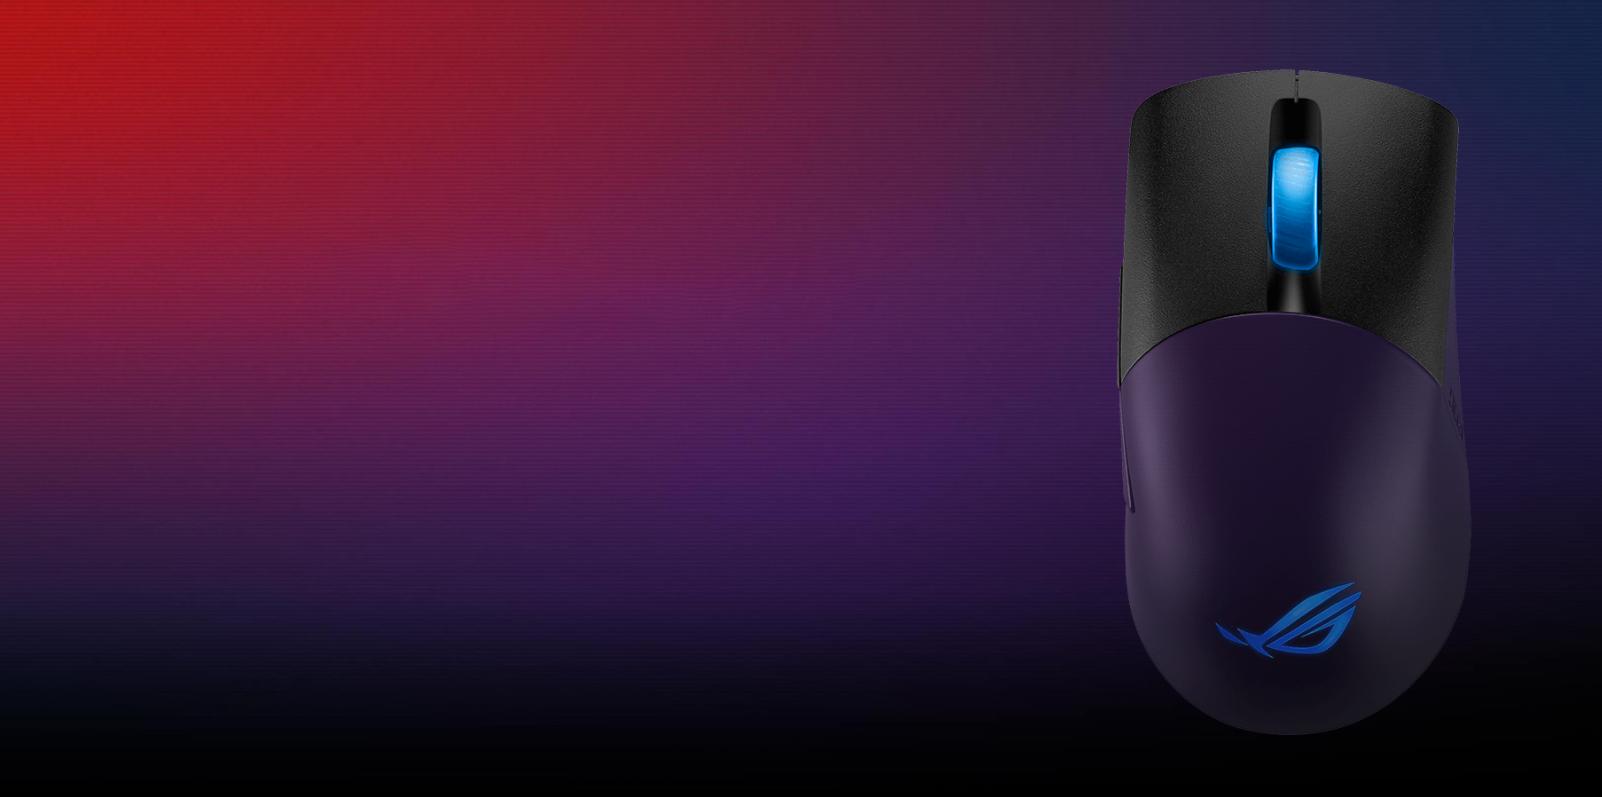 Chuột không dây Asus ROG Keris (USB/RGB/màu đen) có thiết kế nút bấm chất liệu cao cấp